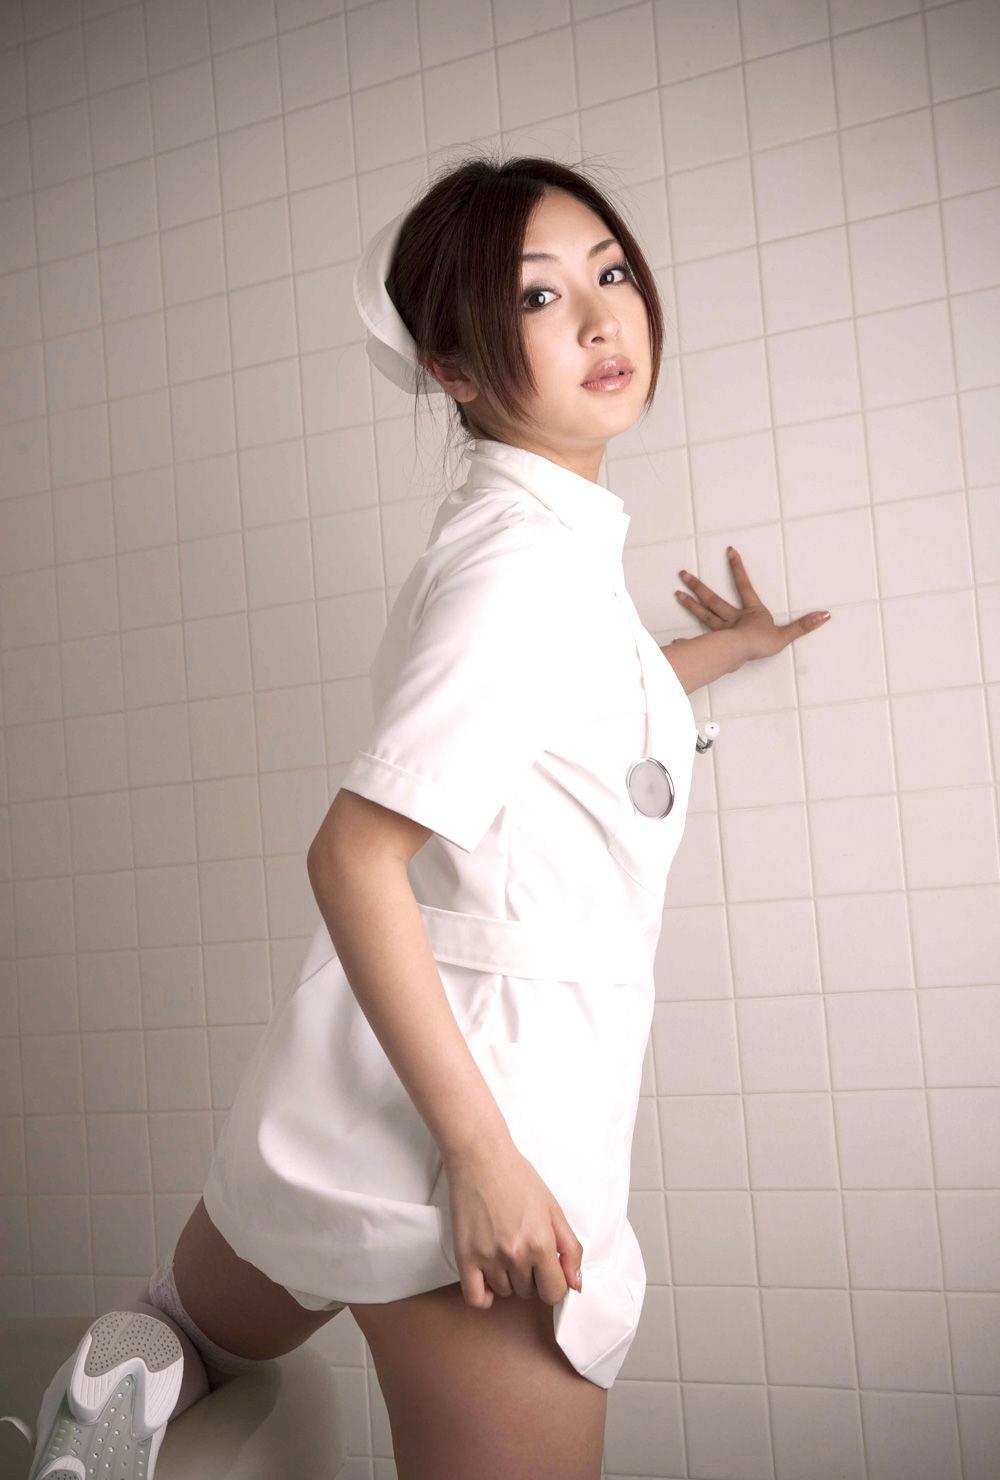 辰巳奈都子 画像 掲示板 31